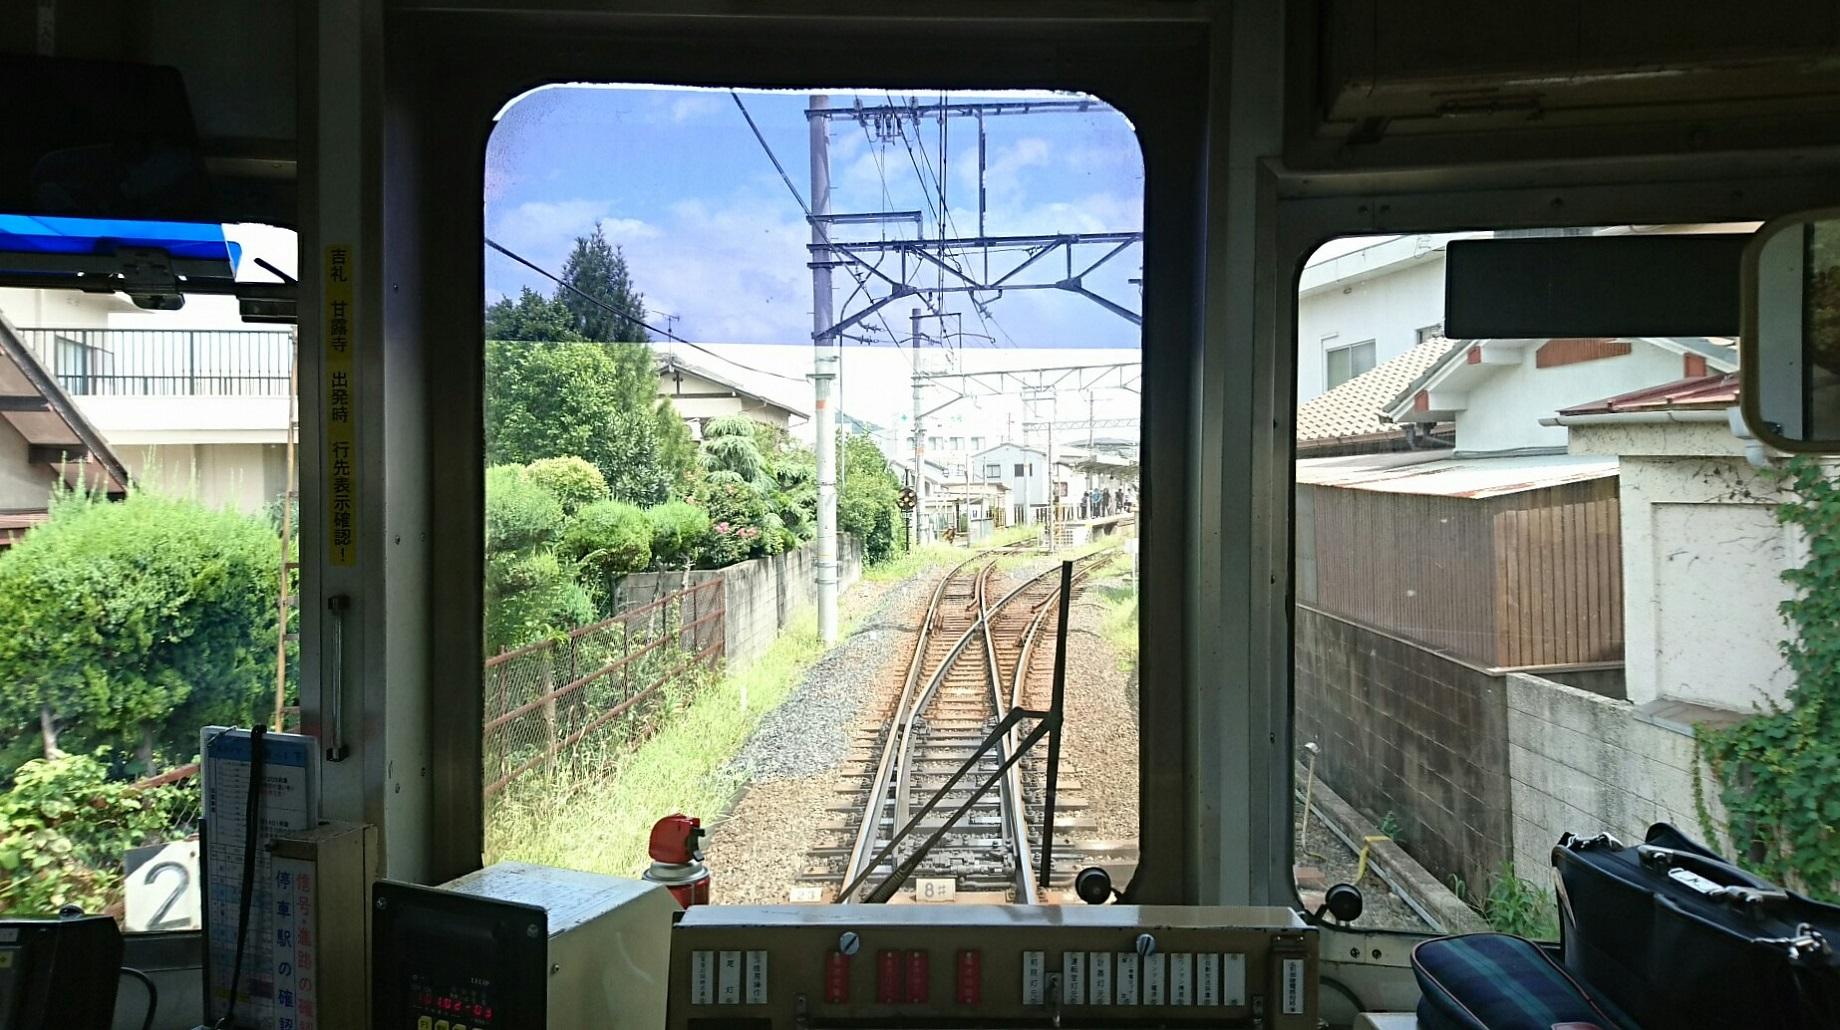 2017.8.17 たま電車 (13) 貴志いきふつう - 日前宮 1840-1030